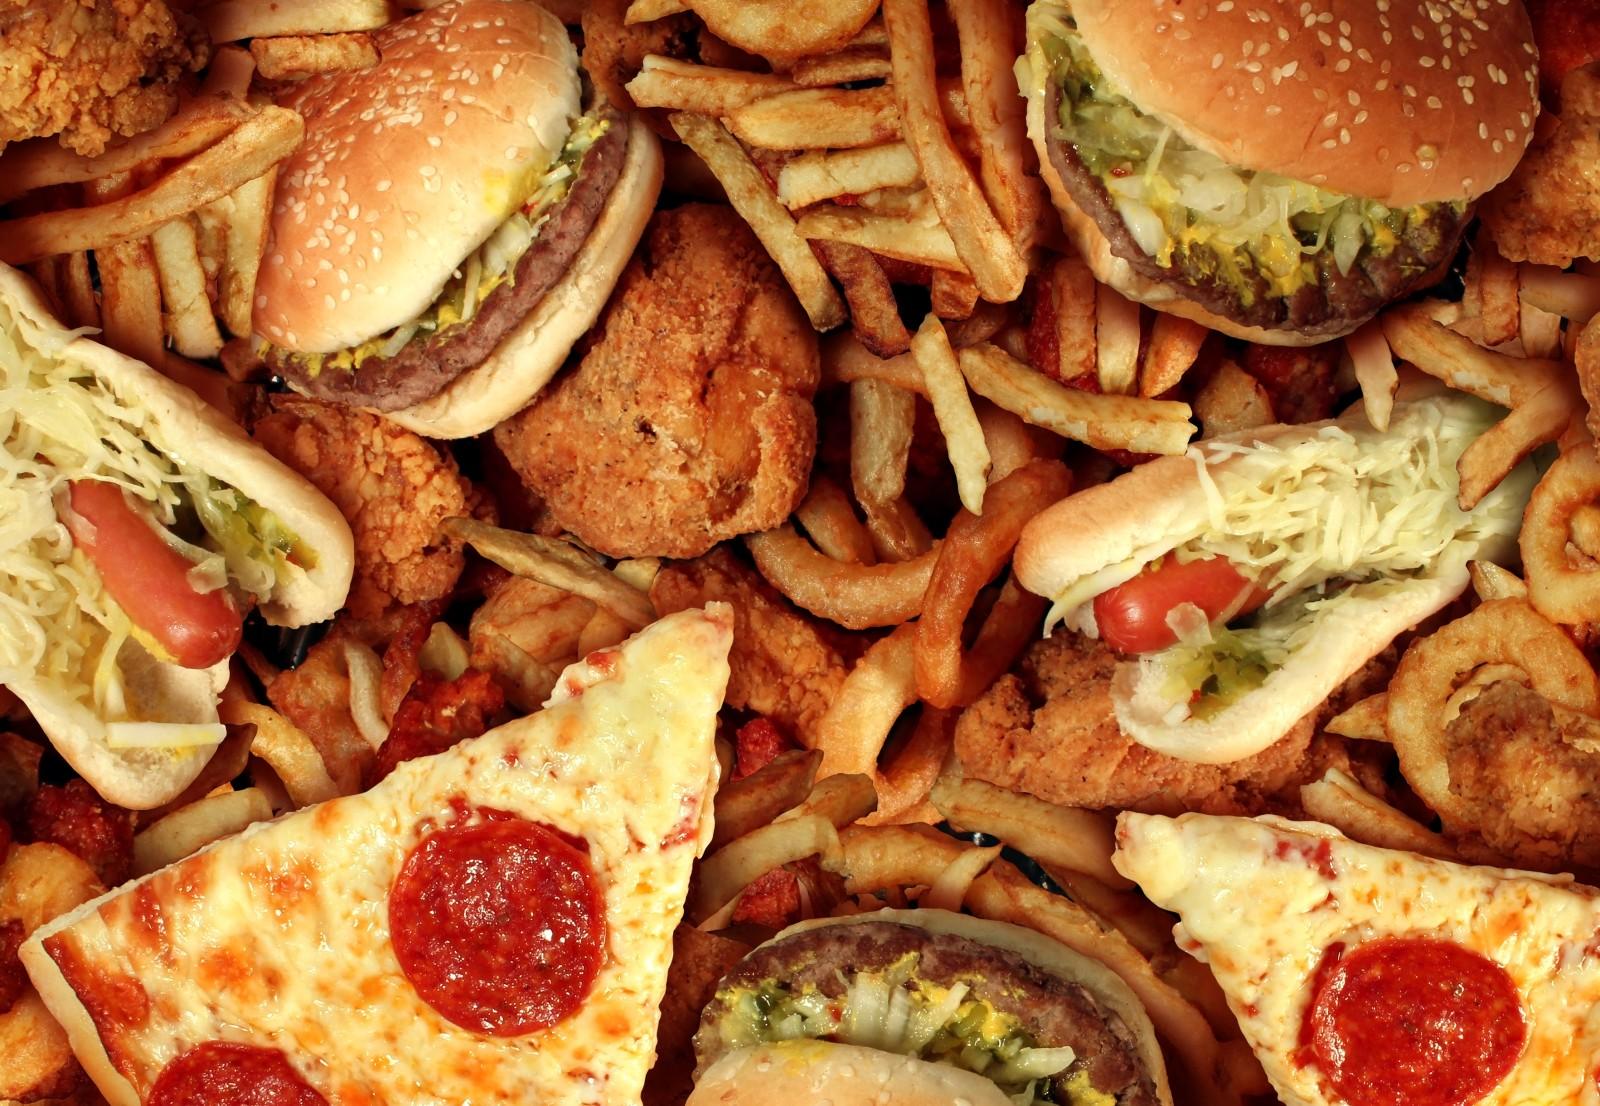 Du wirst nie wieder fast food essen wenn du das liest for Salon du fast food